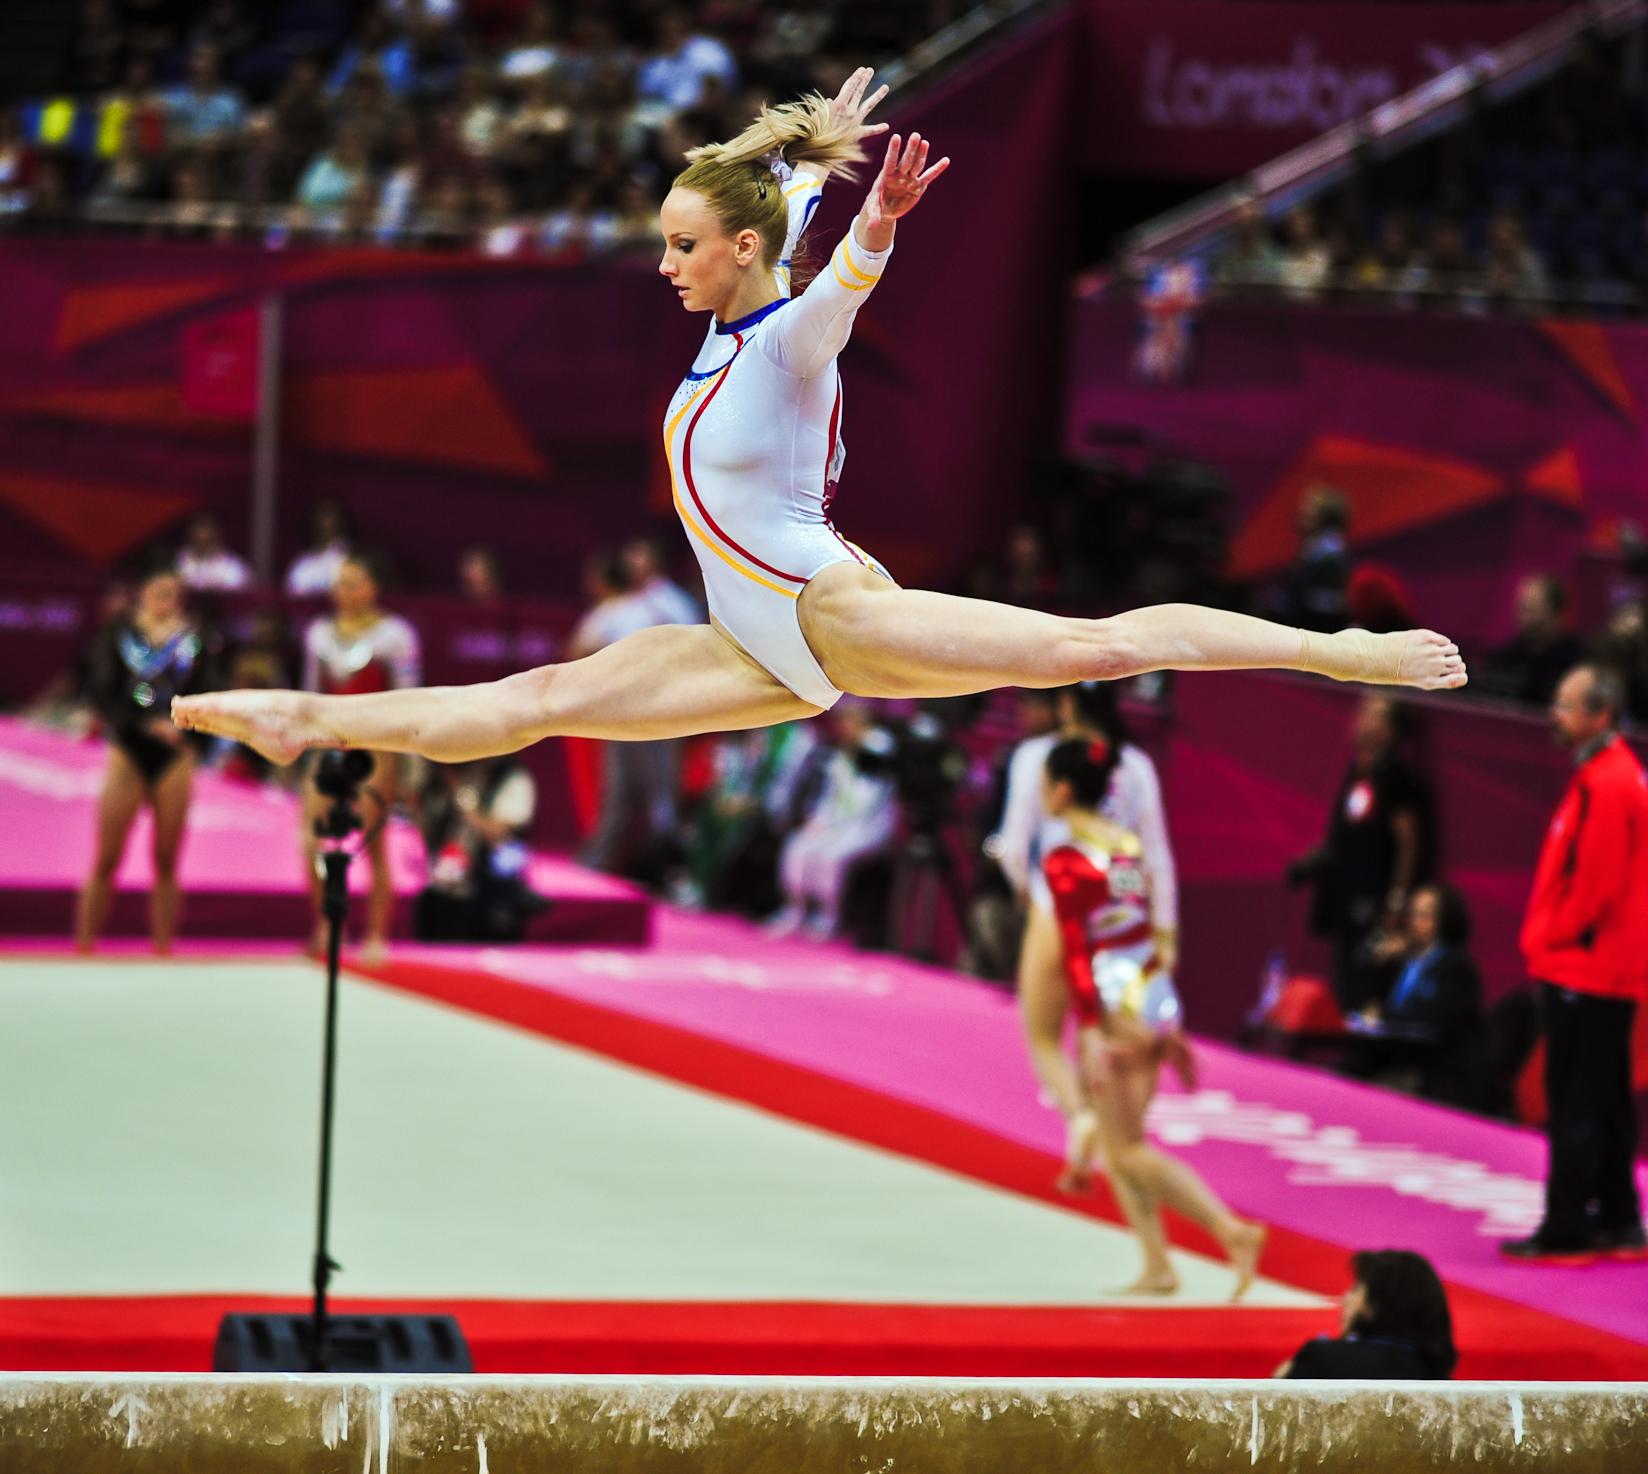 спортивная гимнастика фотографии вместо